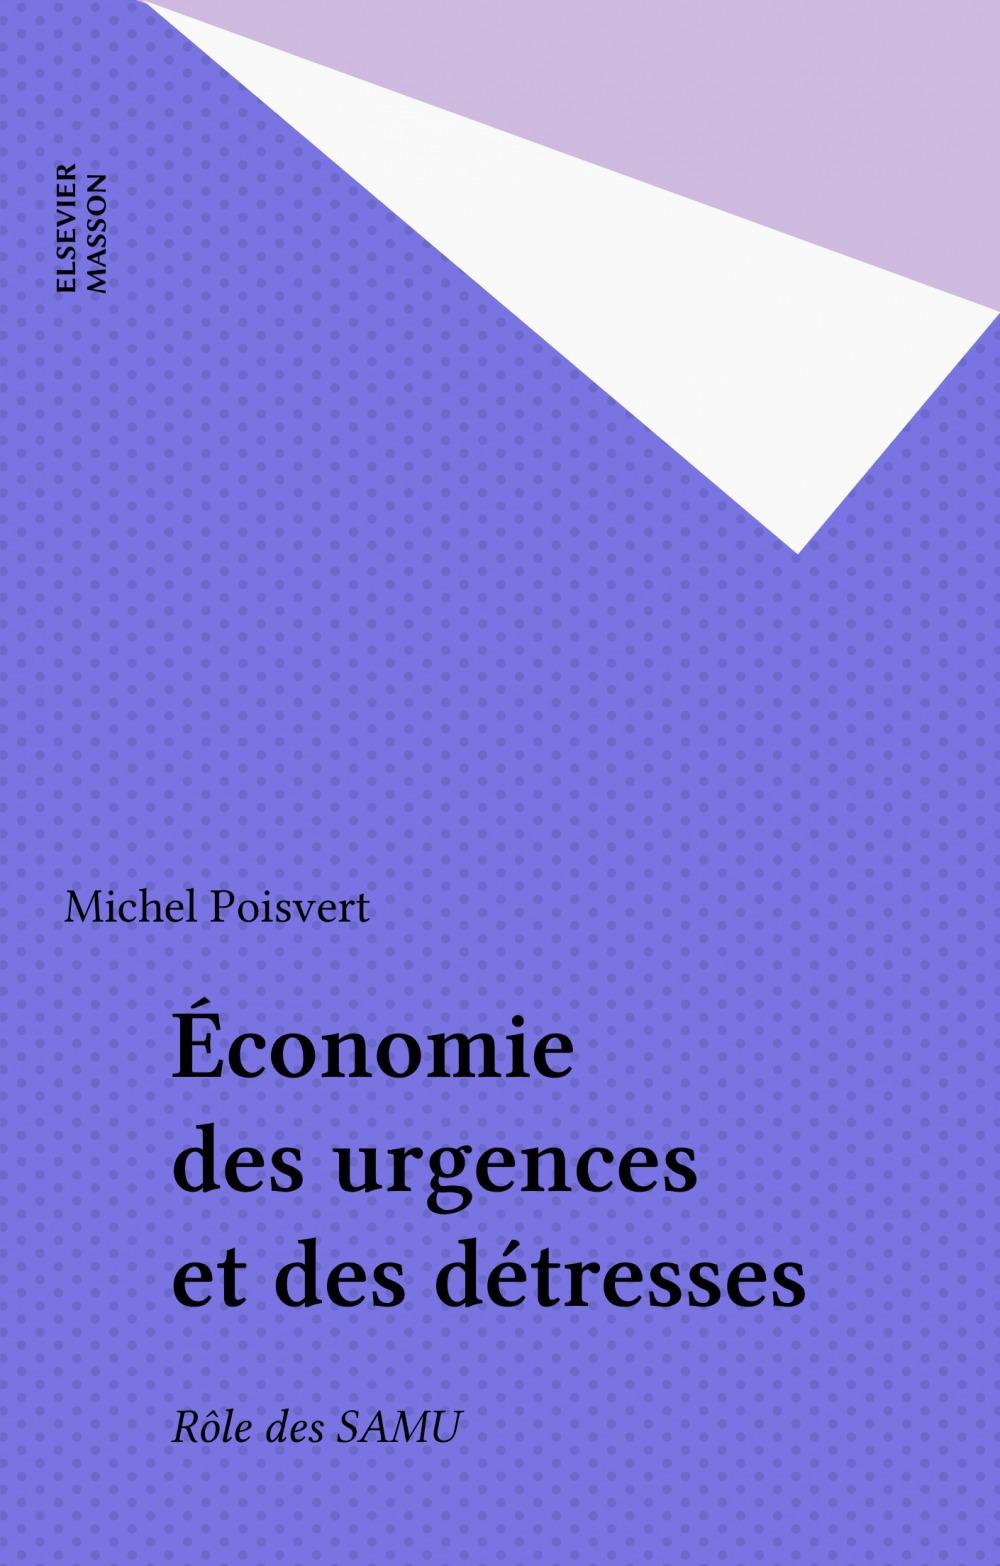 Economie des urgences